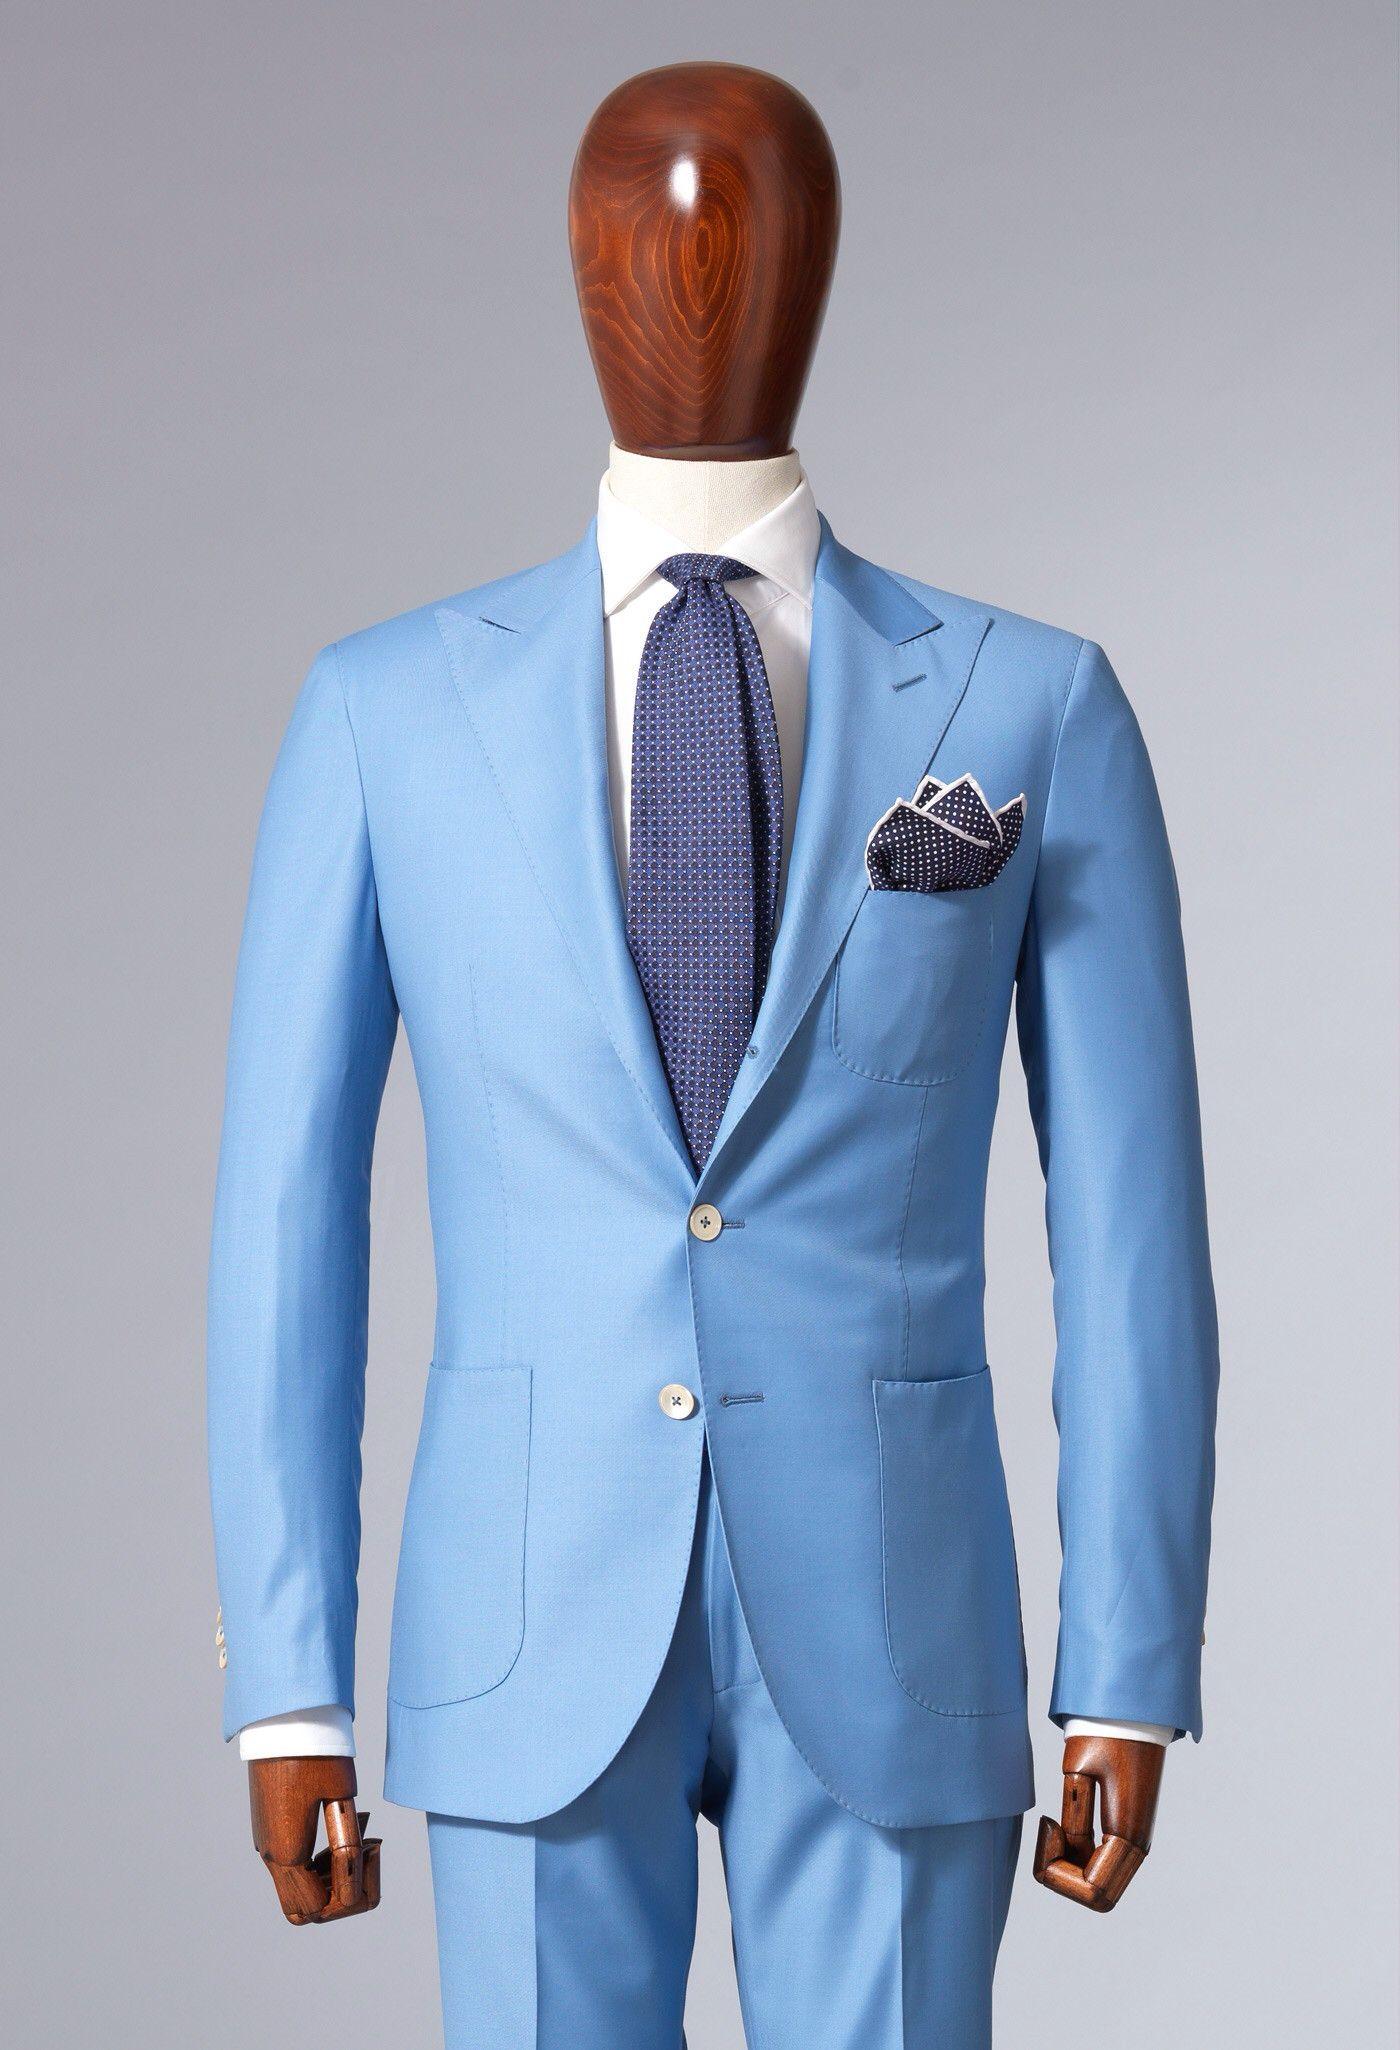 Men\'s suit | \'FOR HIM\' | Pinterest | Divergent fashion, Fashion and ...